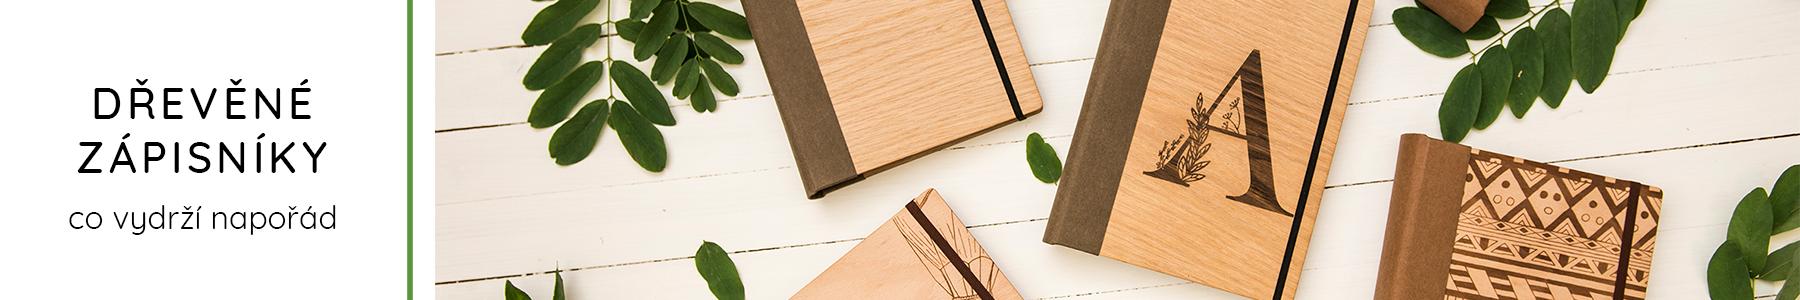 Dřevěné zápisníky